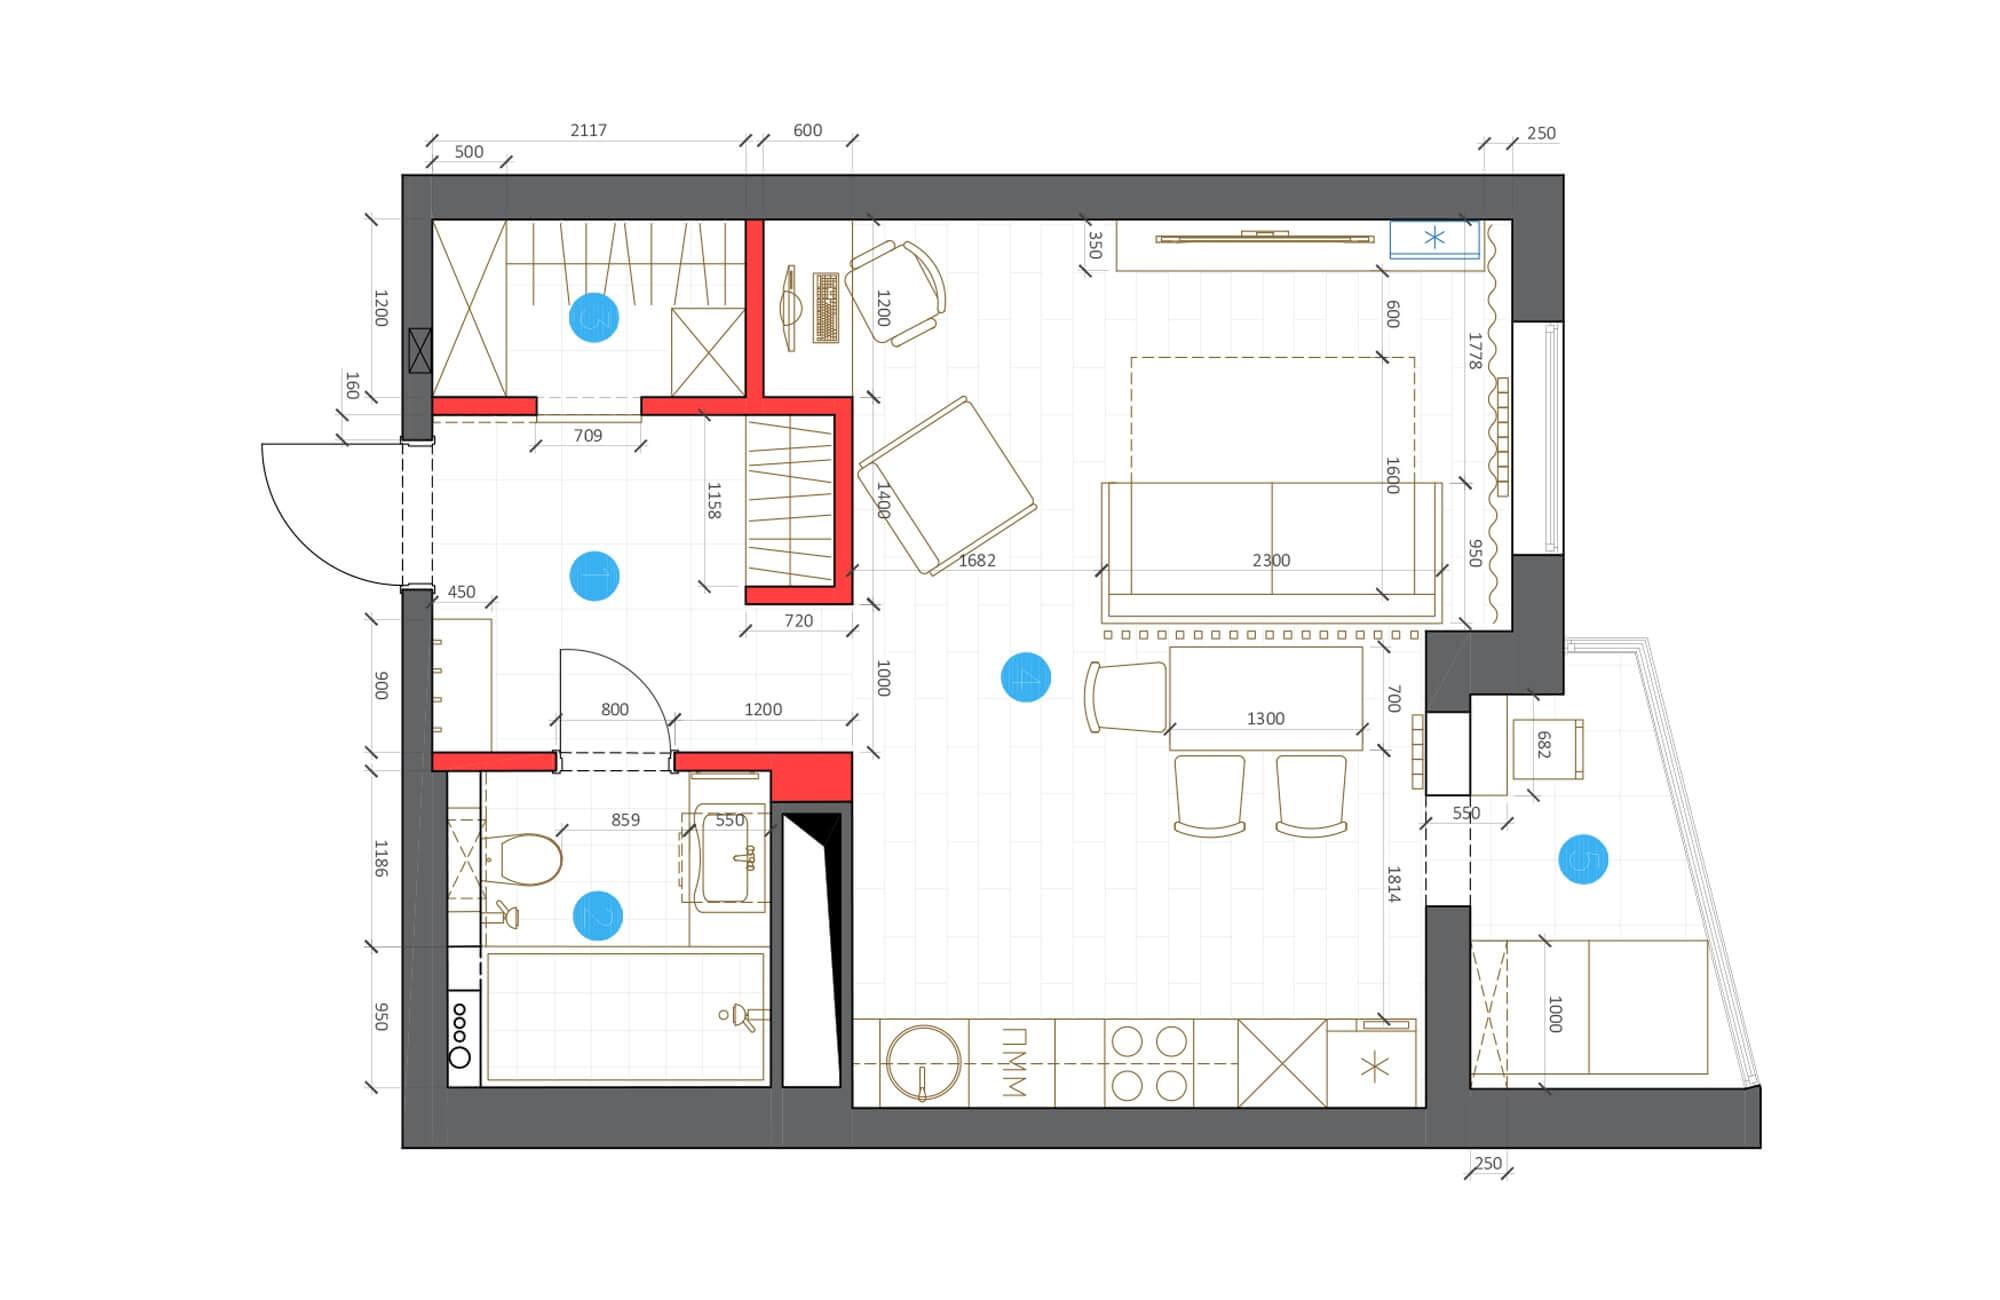 proekt sverhu1 - Дизайн интерьера 1-2 комнатной квартиры 45 кв м